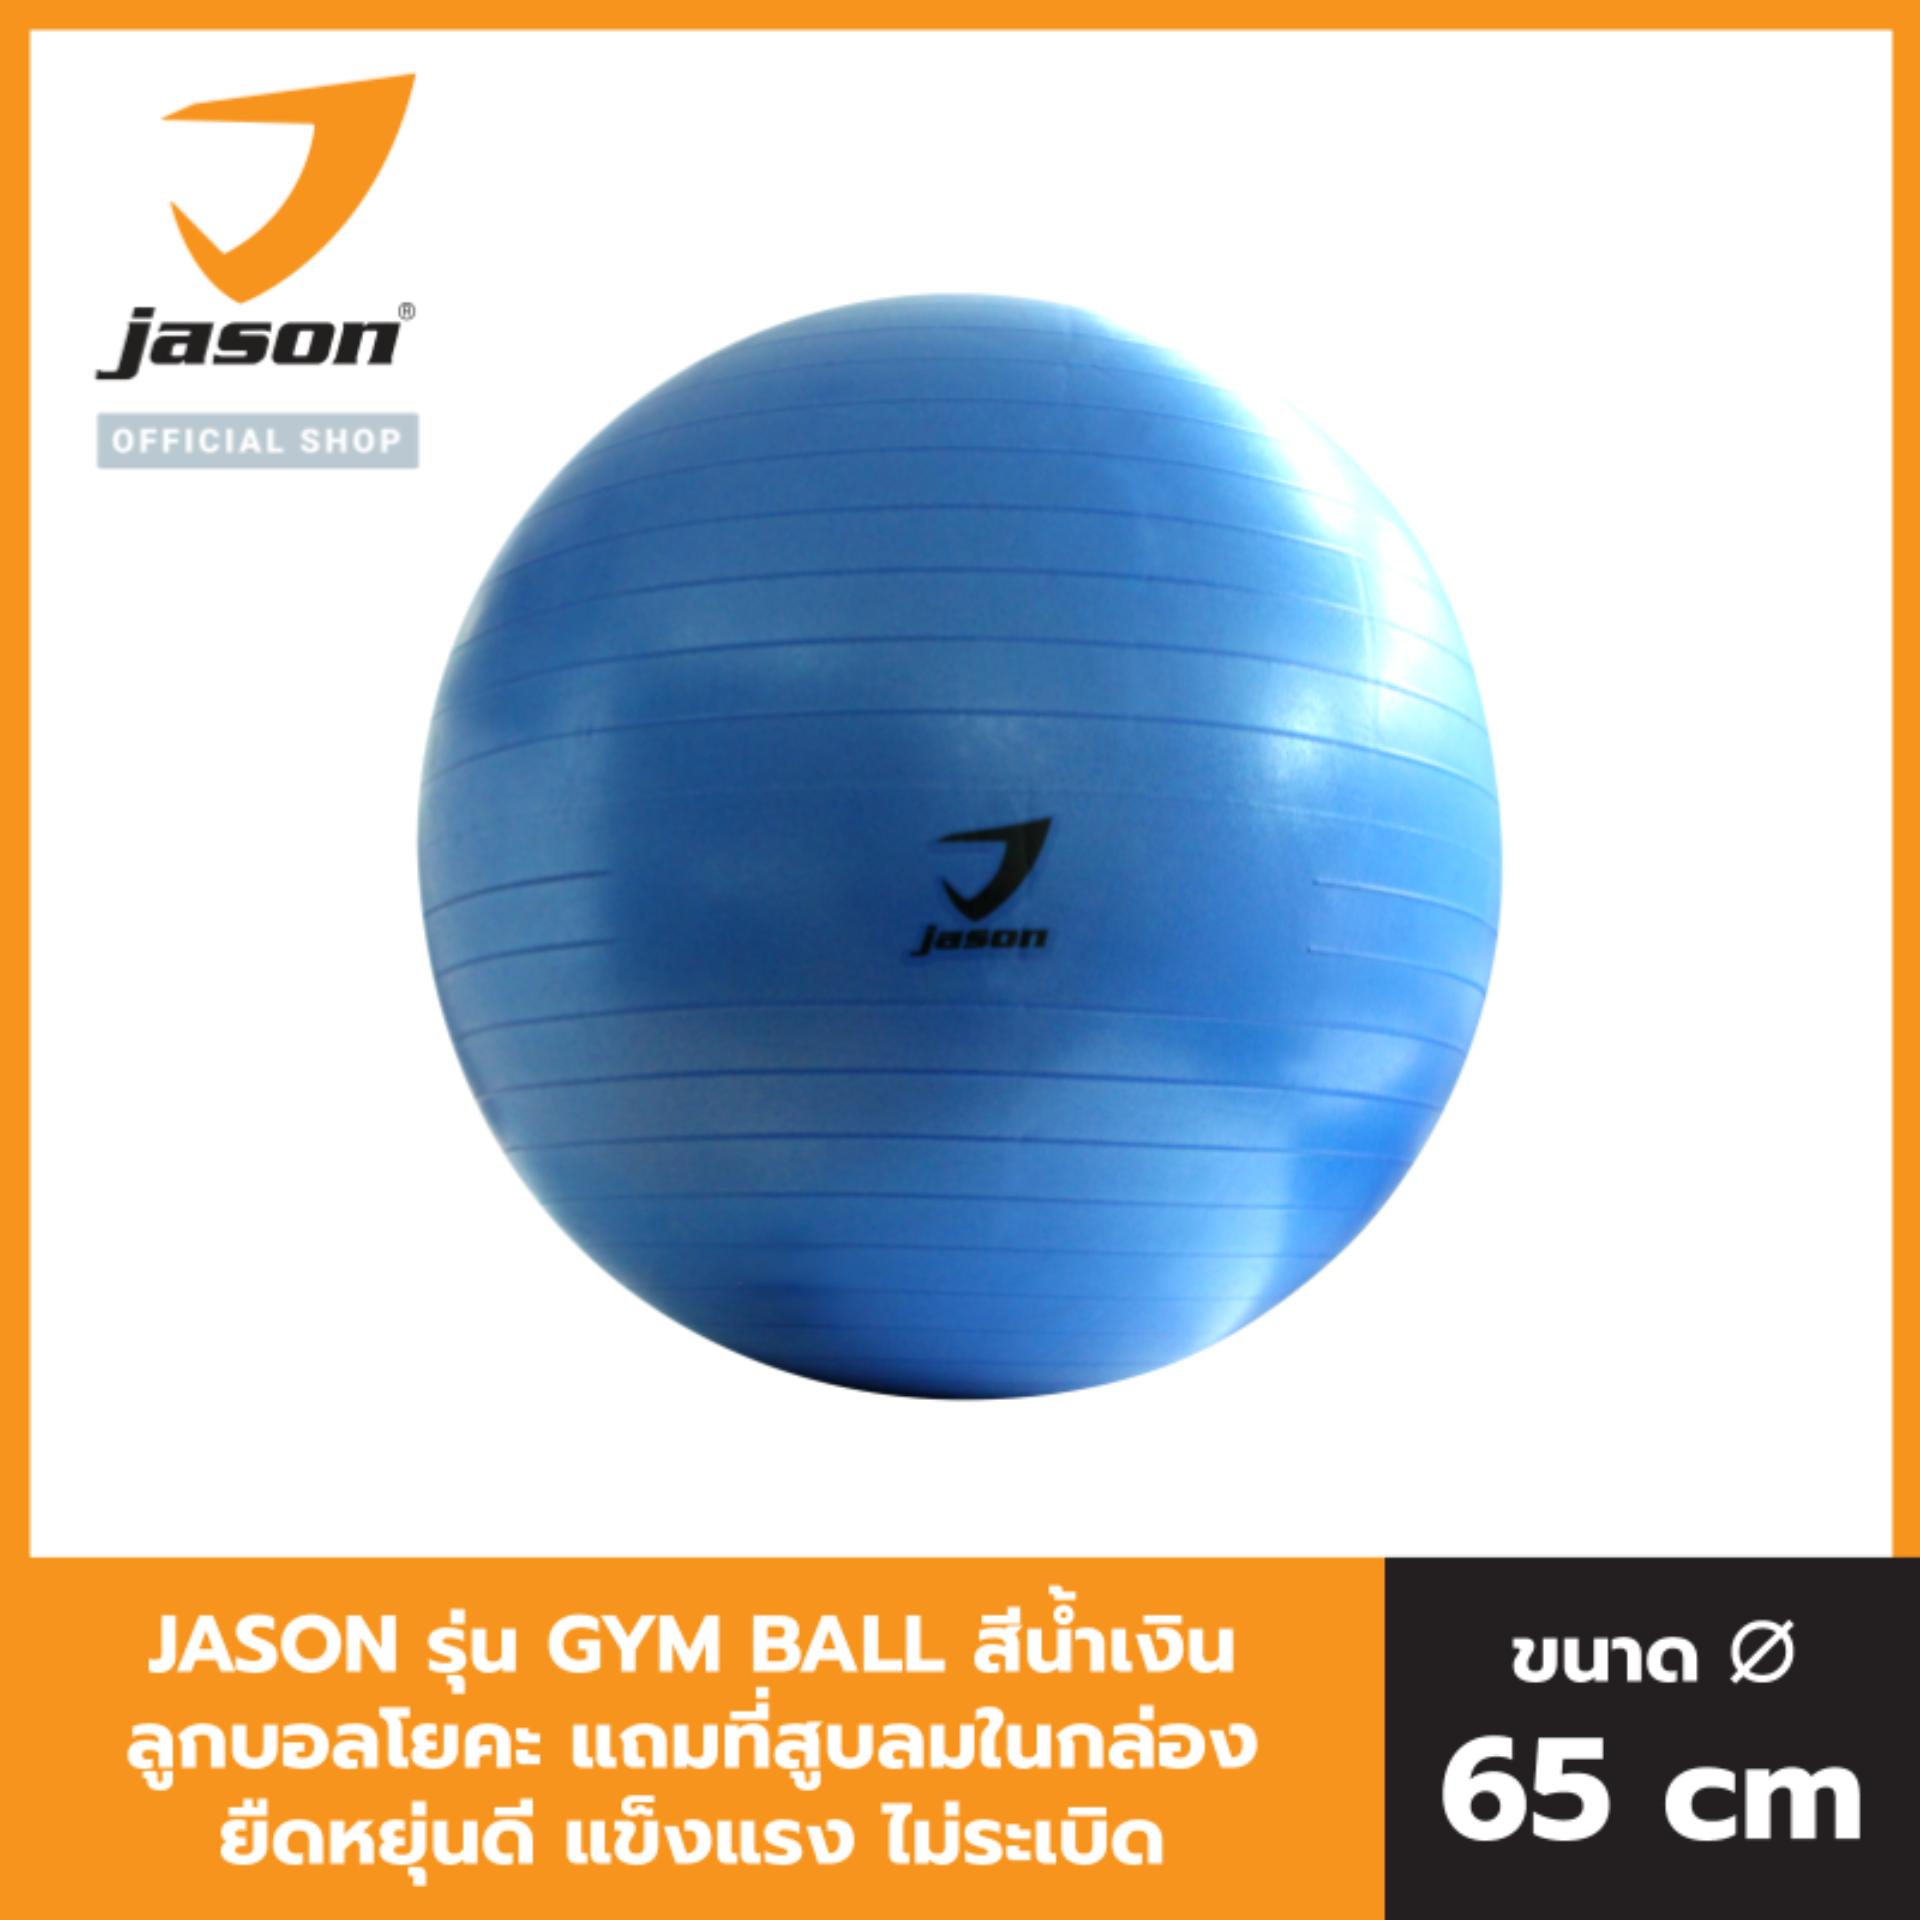 Jason เจสัน ลูกยิมบอลสำหรับออกกำลังกาย สี น้ำเงิน ขนาด ุ65ซม. Js0536 (แถมที่สูบลม).